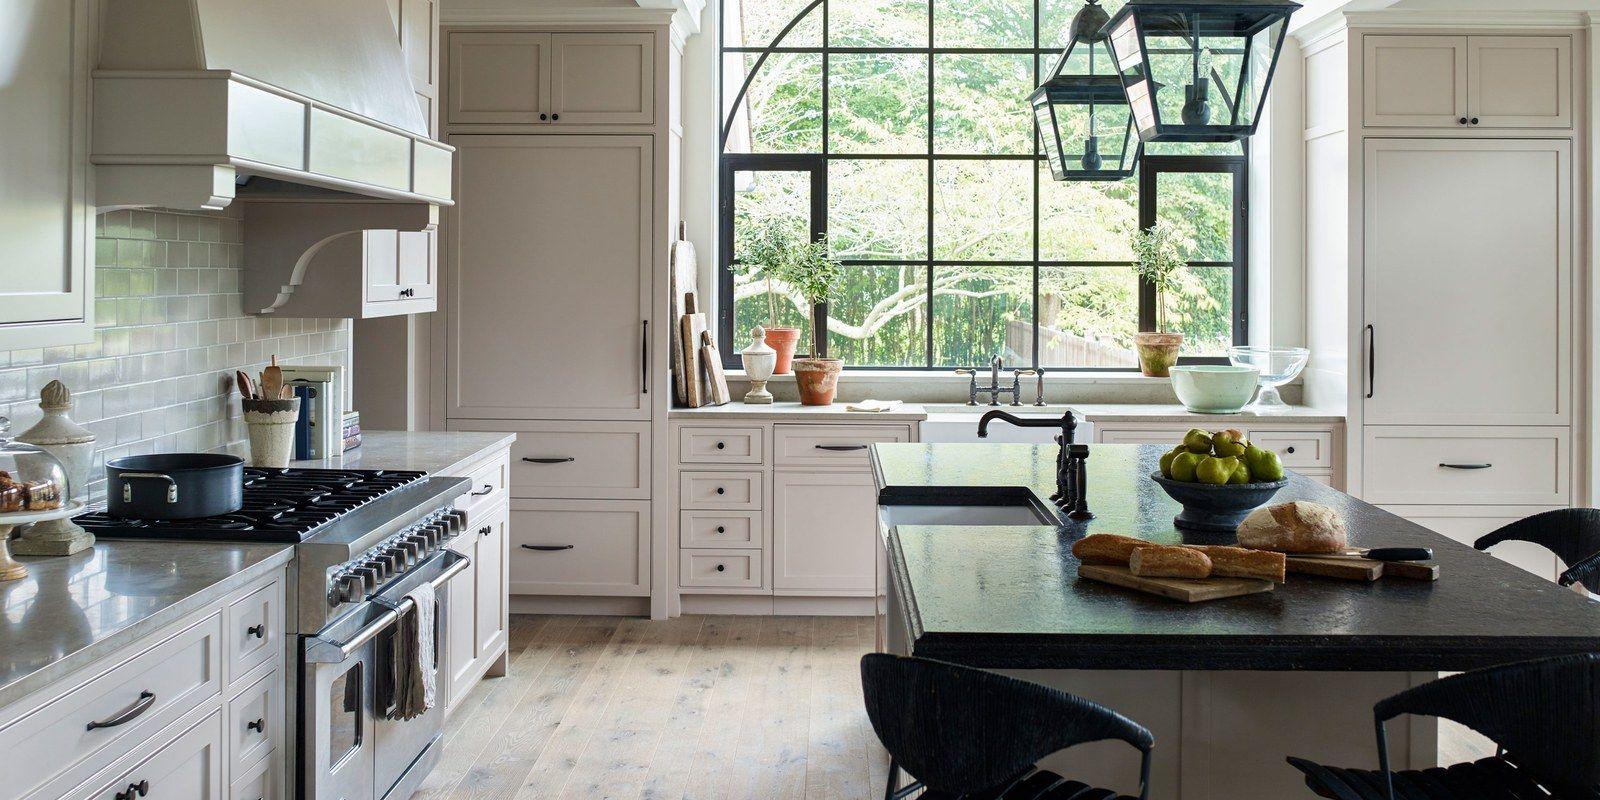 Innenarchitektur für küchenschrank pin von anna do henkel auf loft  pinterest  speisekammer haus und